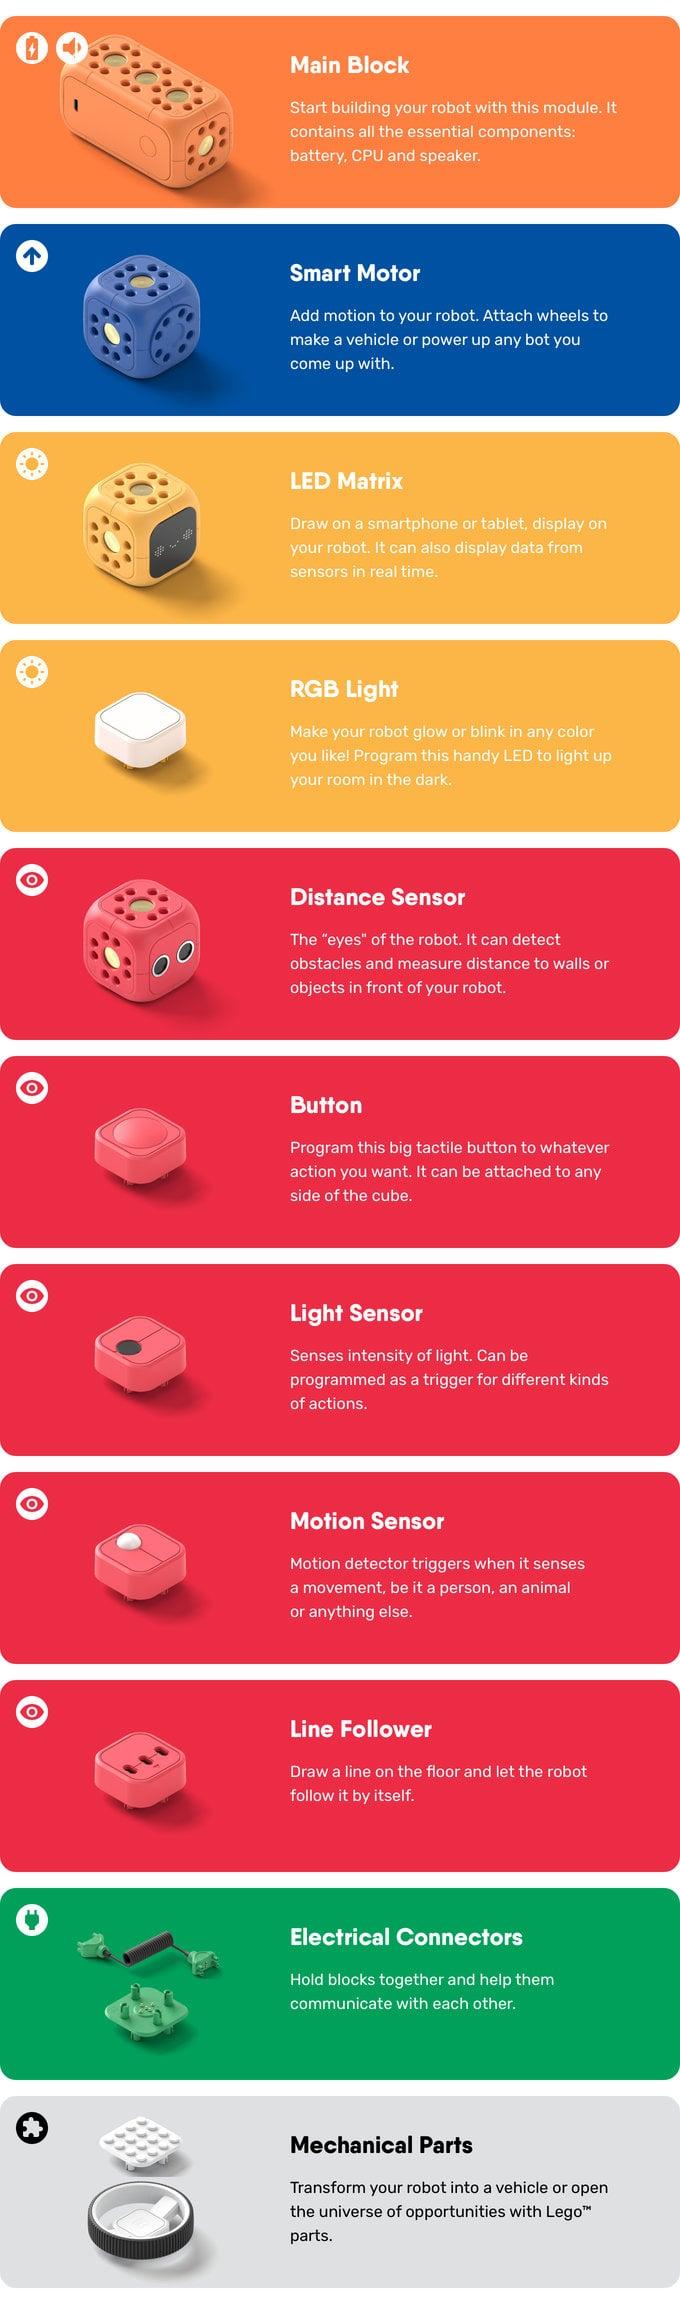 Robot kit sensors